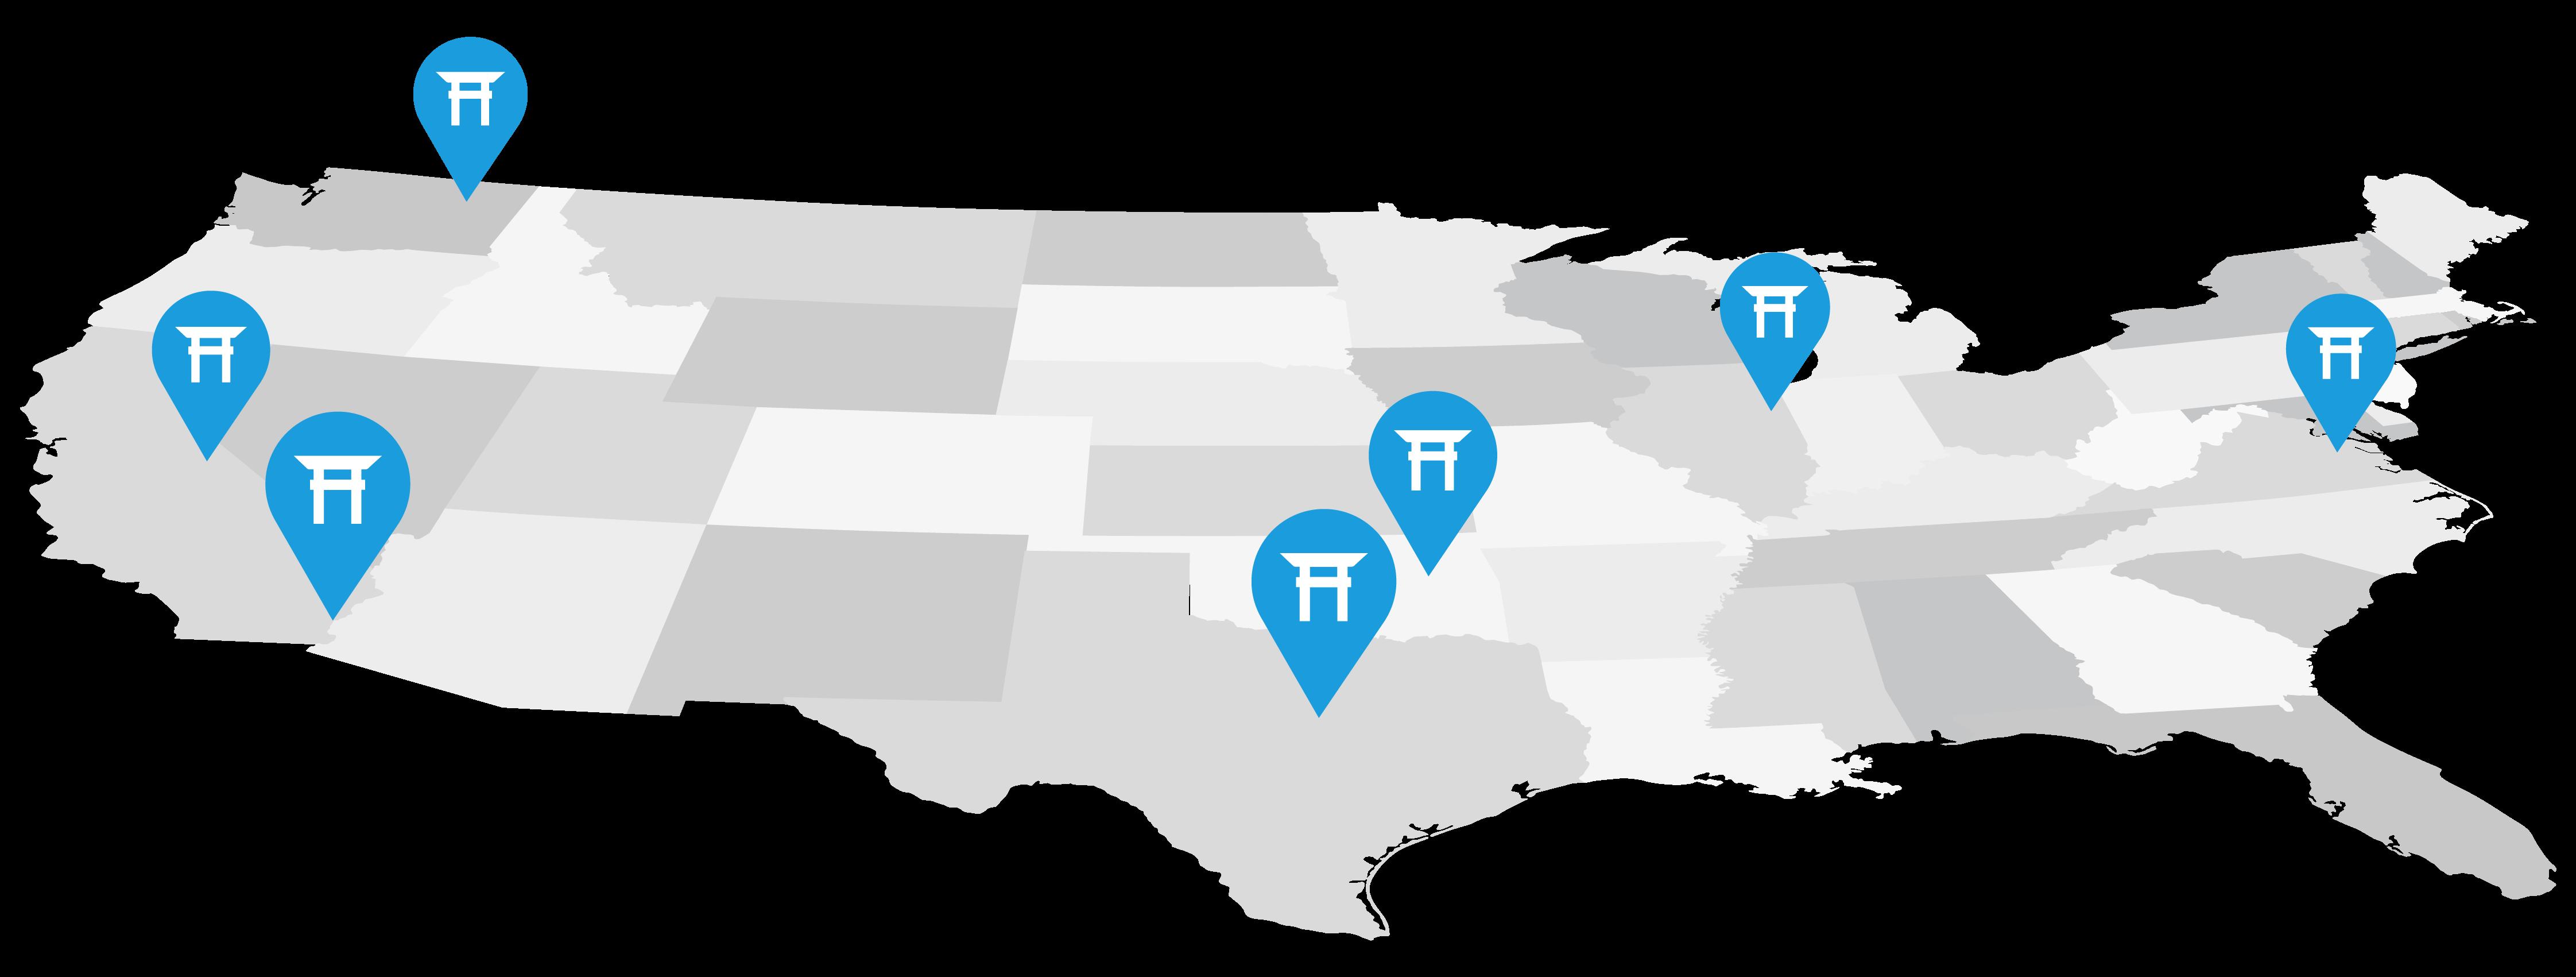 coding-dojo-campuses-map